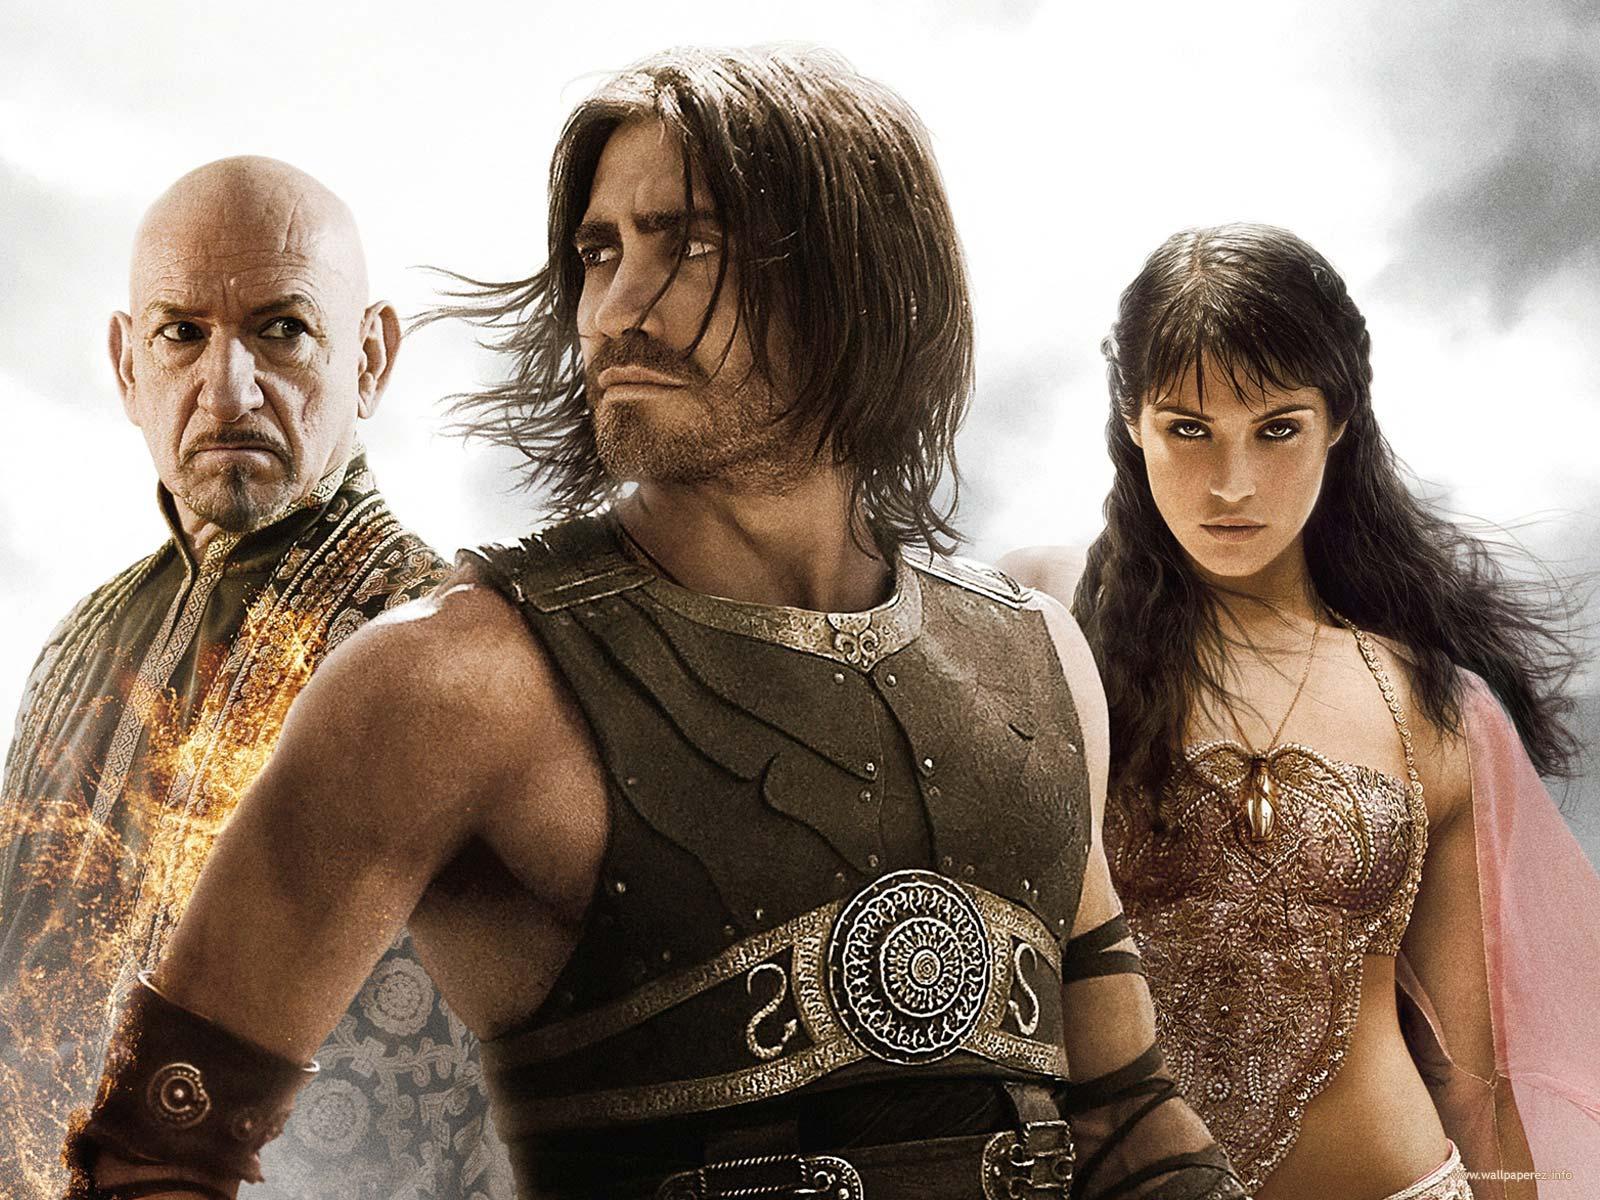 Risultato immagine per prince of persia film